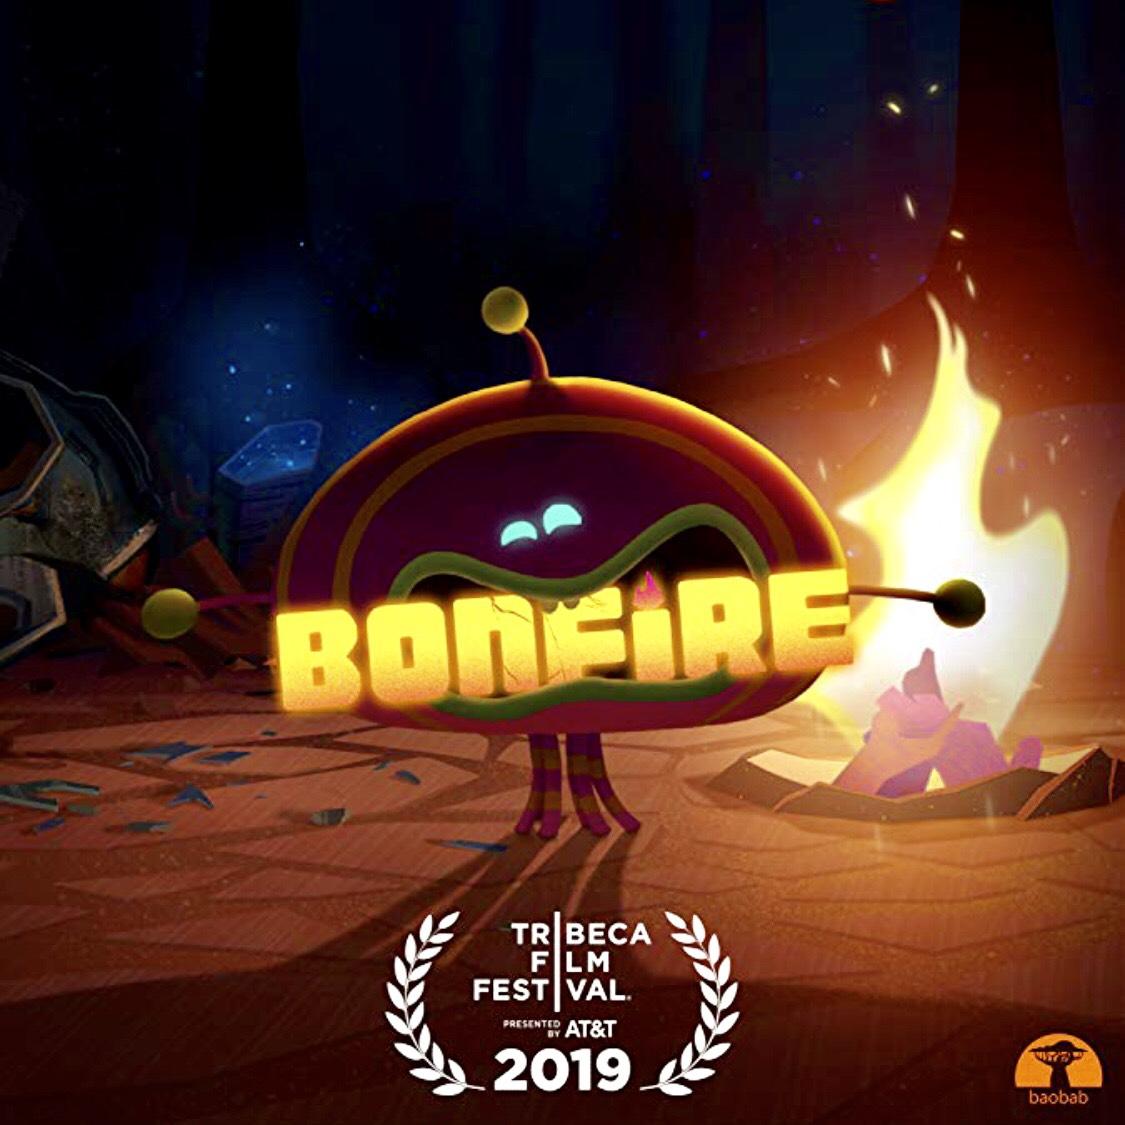 Bonfire für Oculus Quest für nur 4,99 €